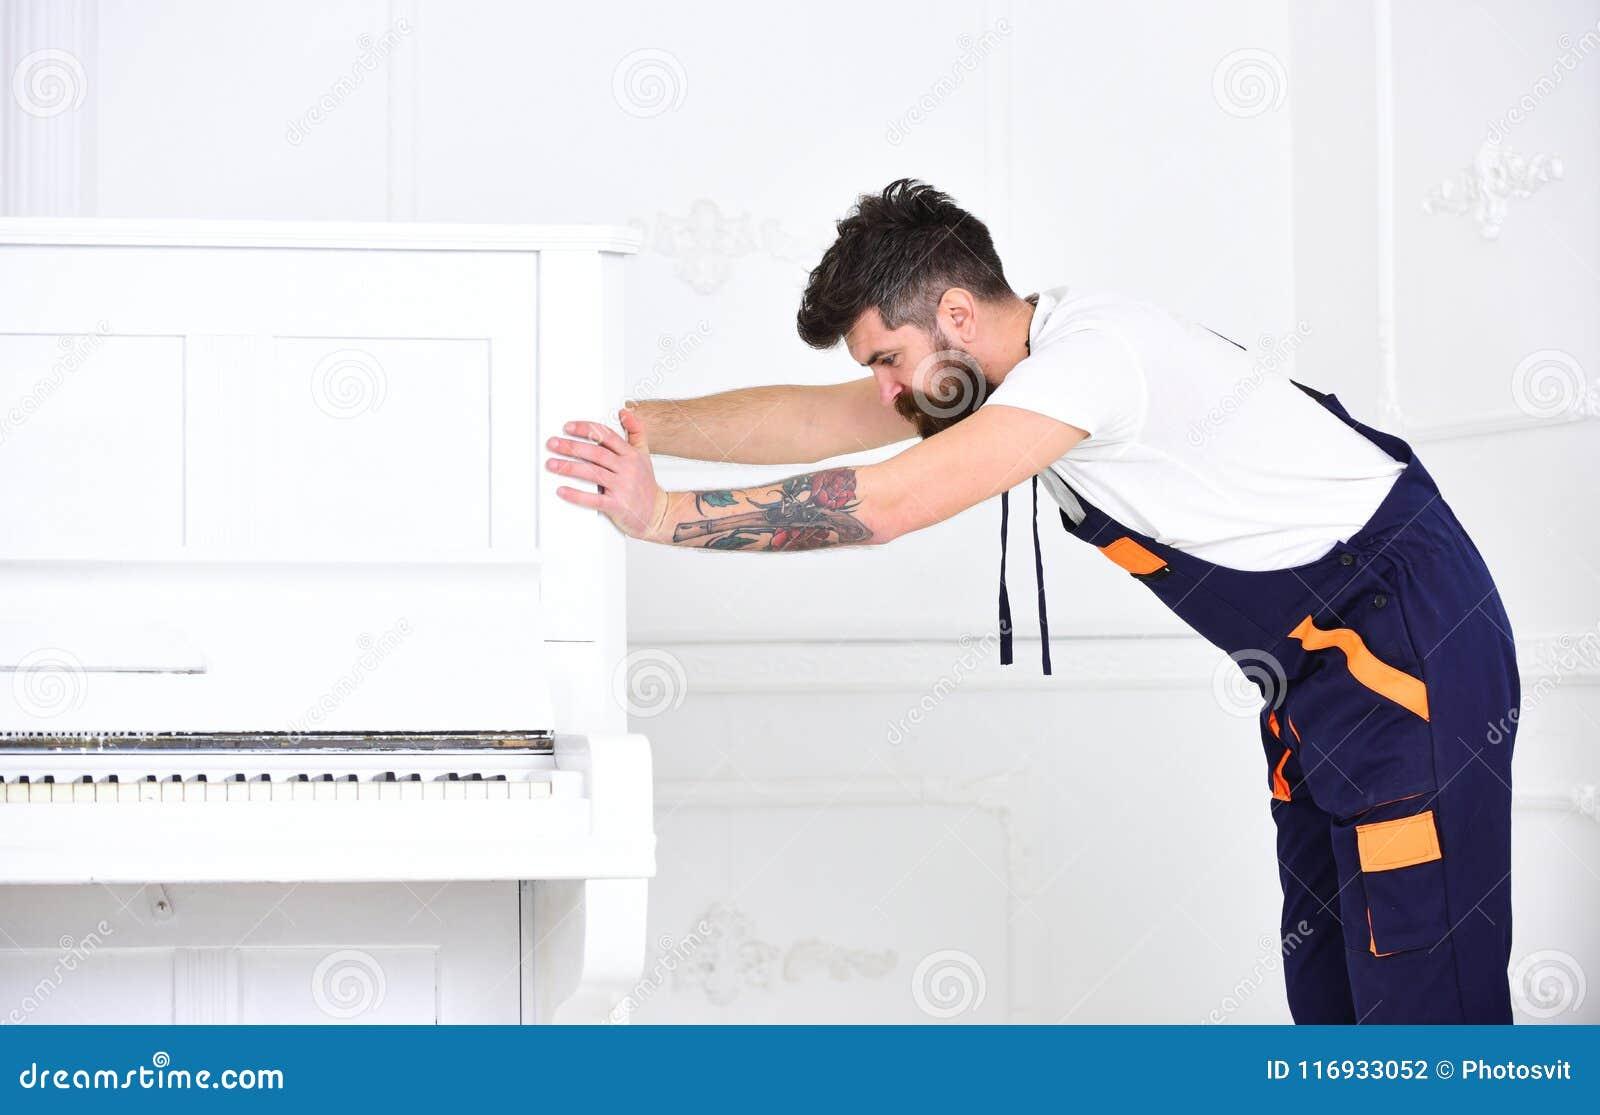 Το άτομο με τη γενειάδα και mustache, εργαζόμενος στις φόρμες ωθεί το πιάνο, το άσπρο υπόβαθρο Έννοια υπηρεσιών παράδοσης Κινήσει